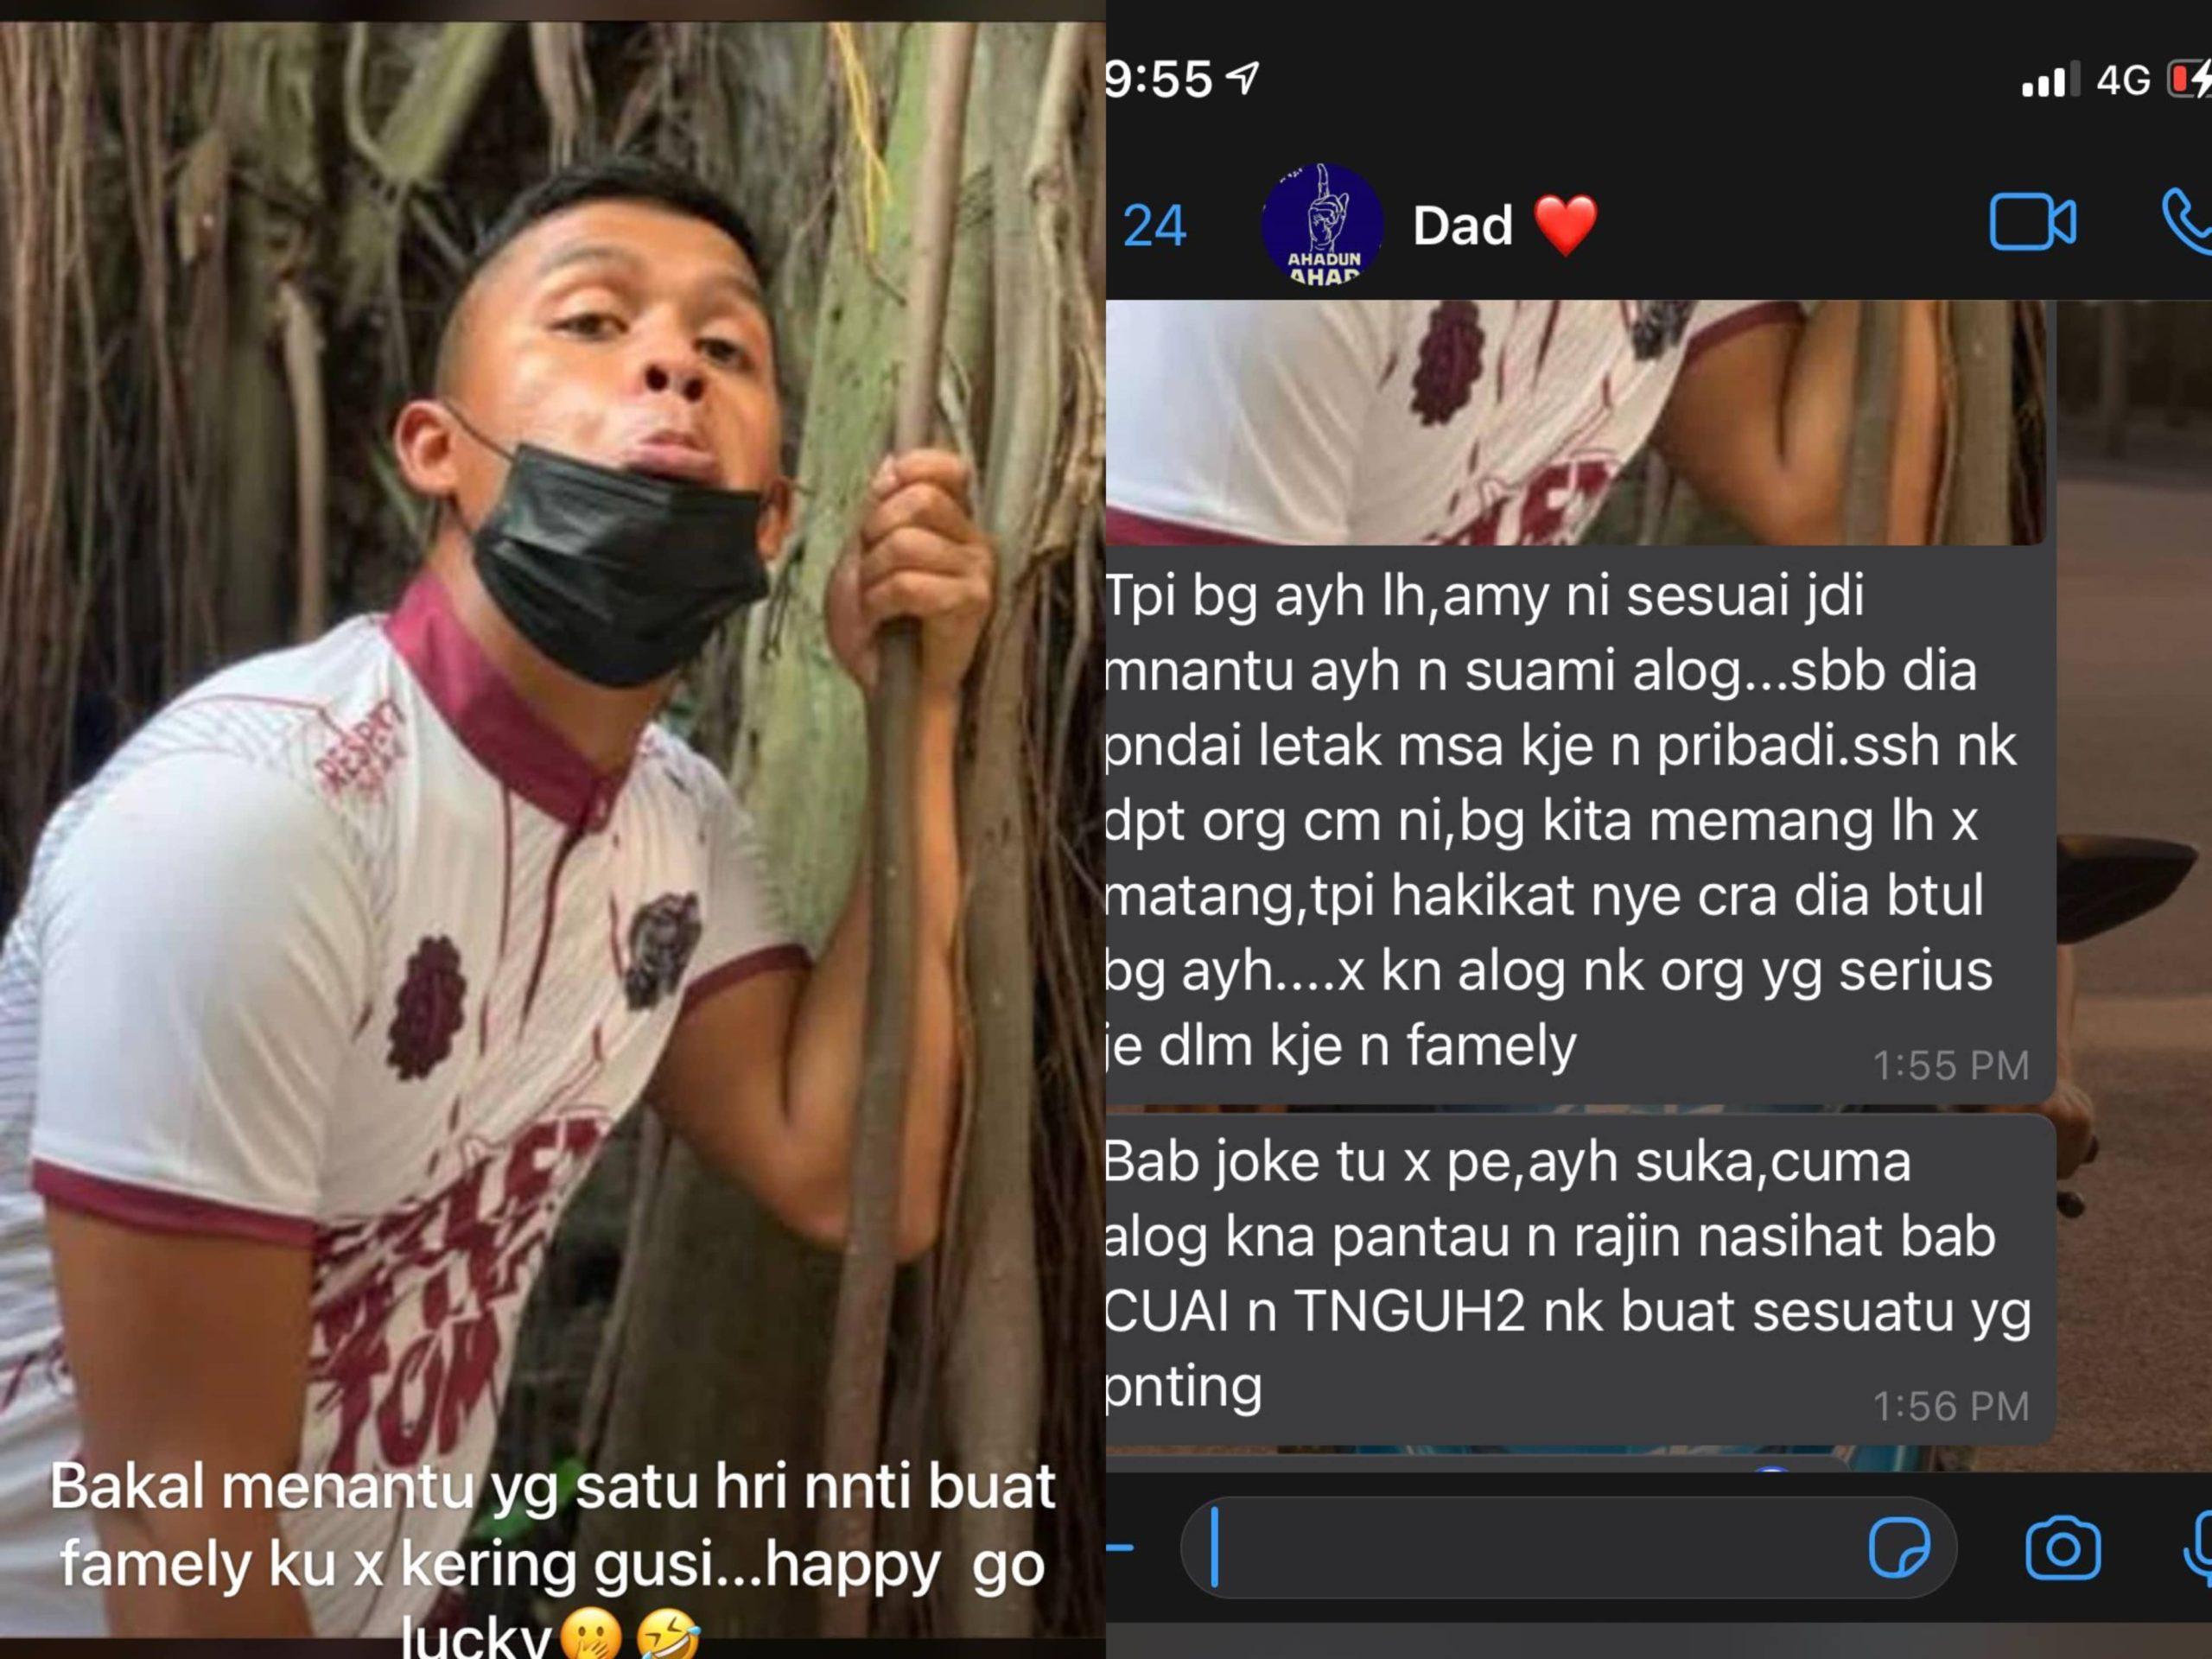 Ayah Berkenan Dengan Boyfriend, Siap Puji Melambung Dan Post Gambar Bakal Menantu Dekat Status WhatsApp